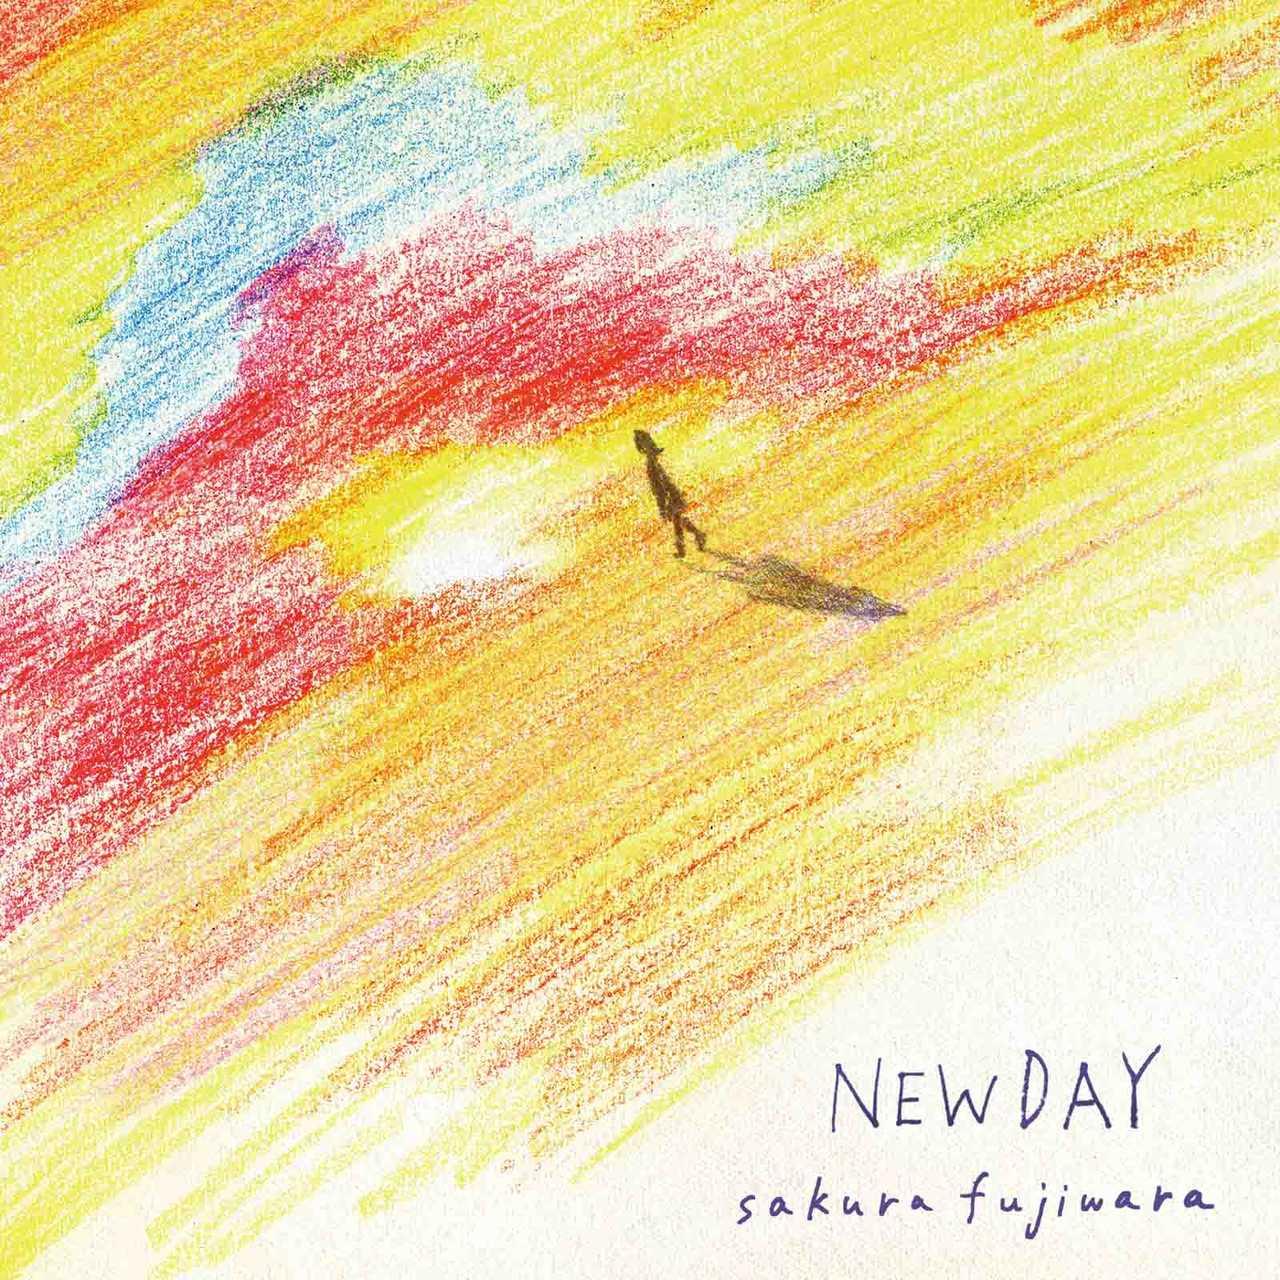 配信楽曲「NEW DAY」